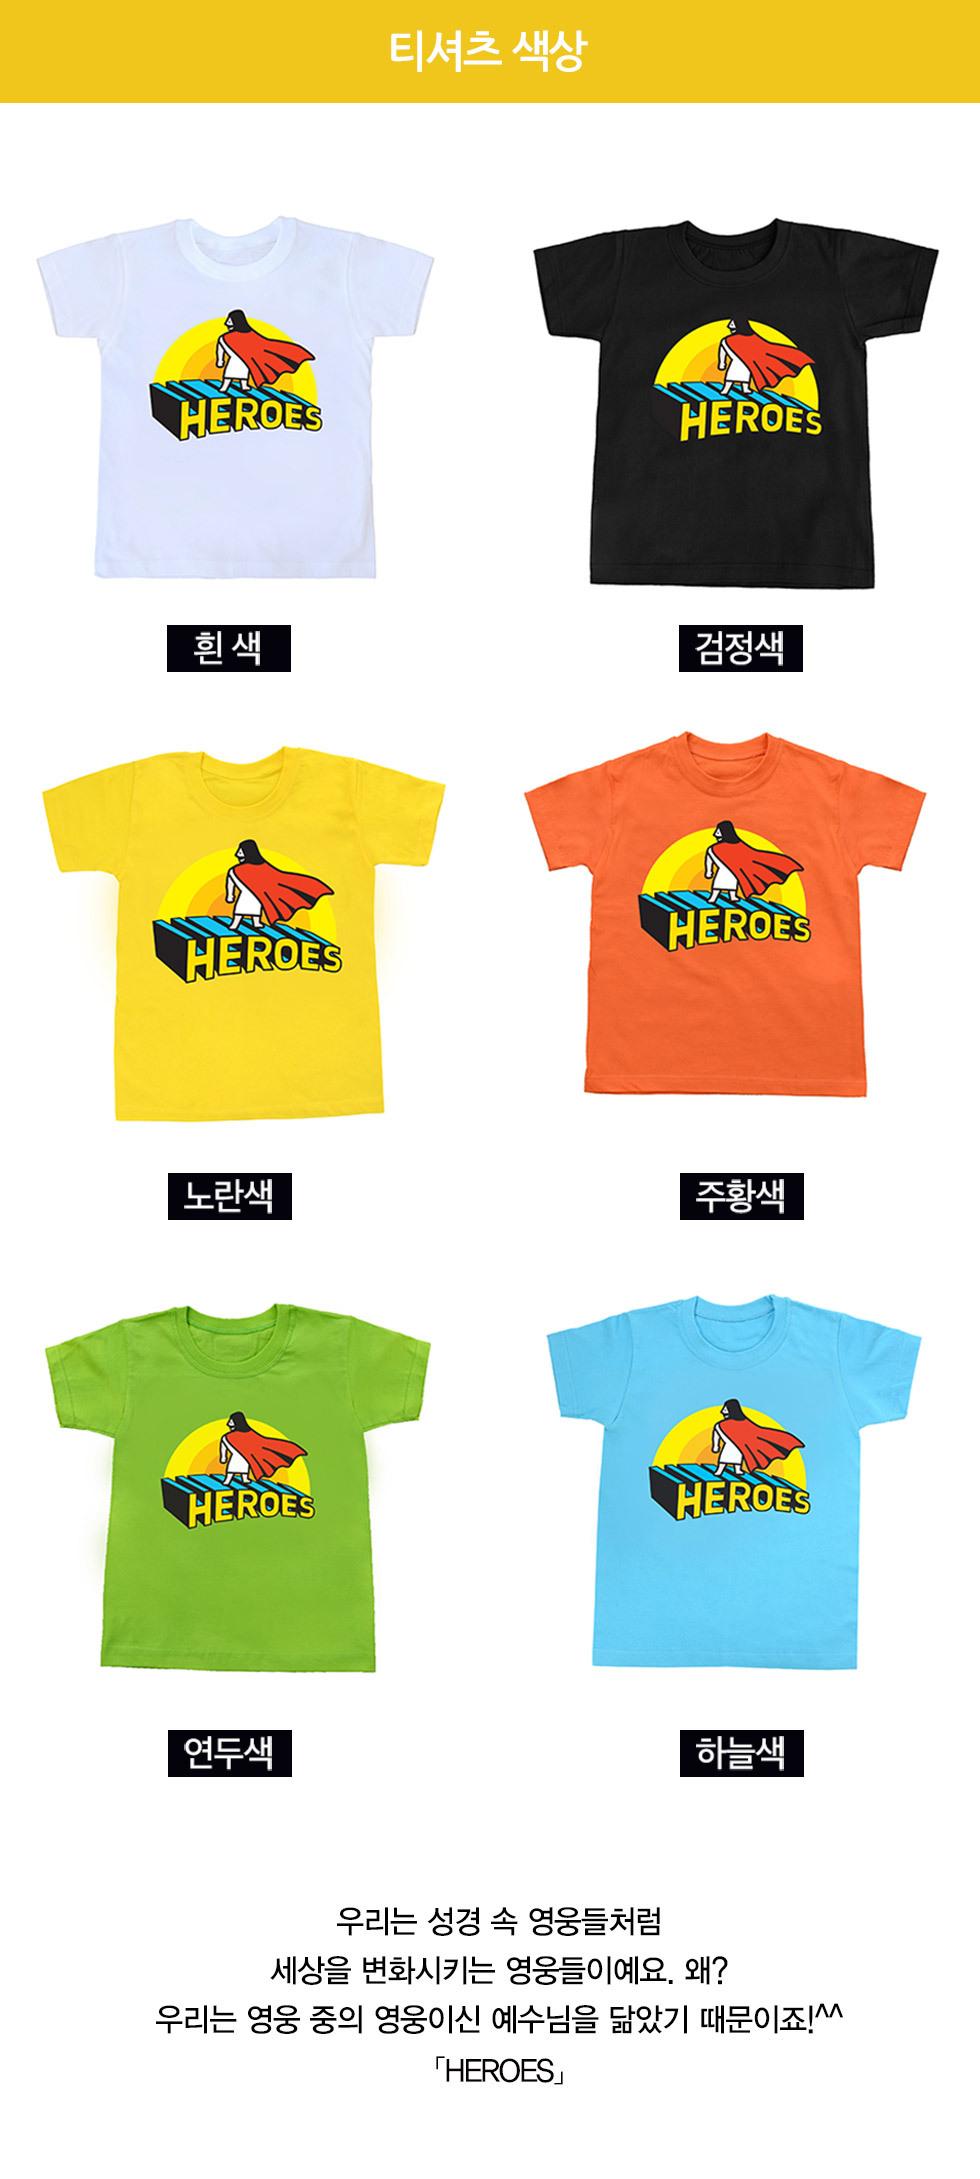 교회단체티 Heroes 히어로 아동용 옵션별 가격